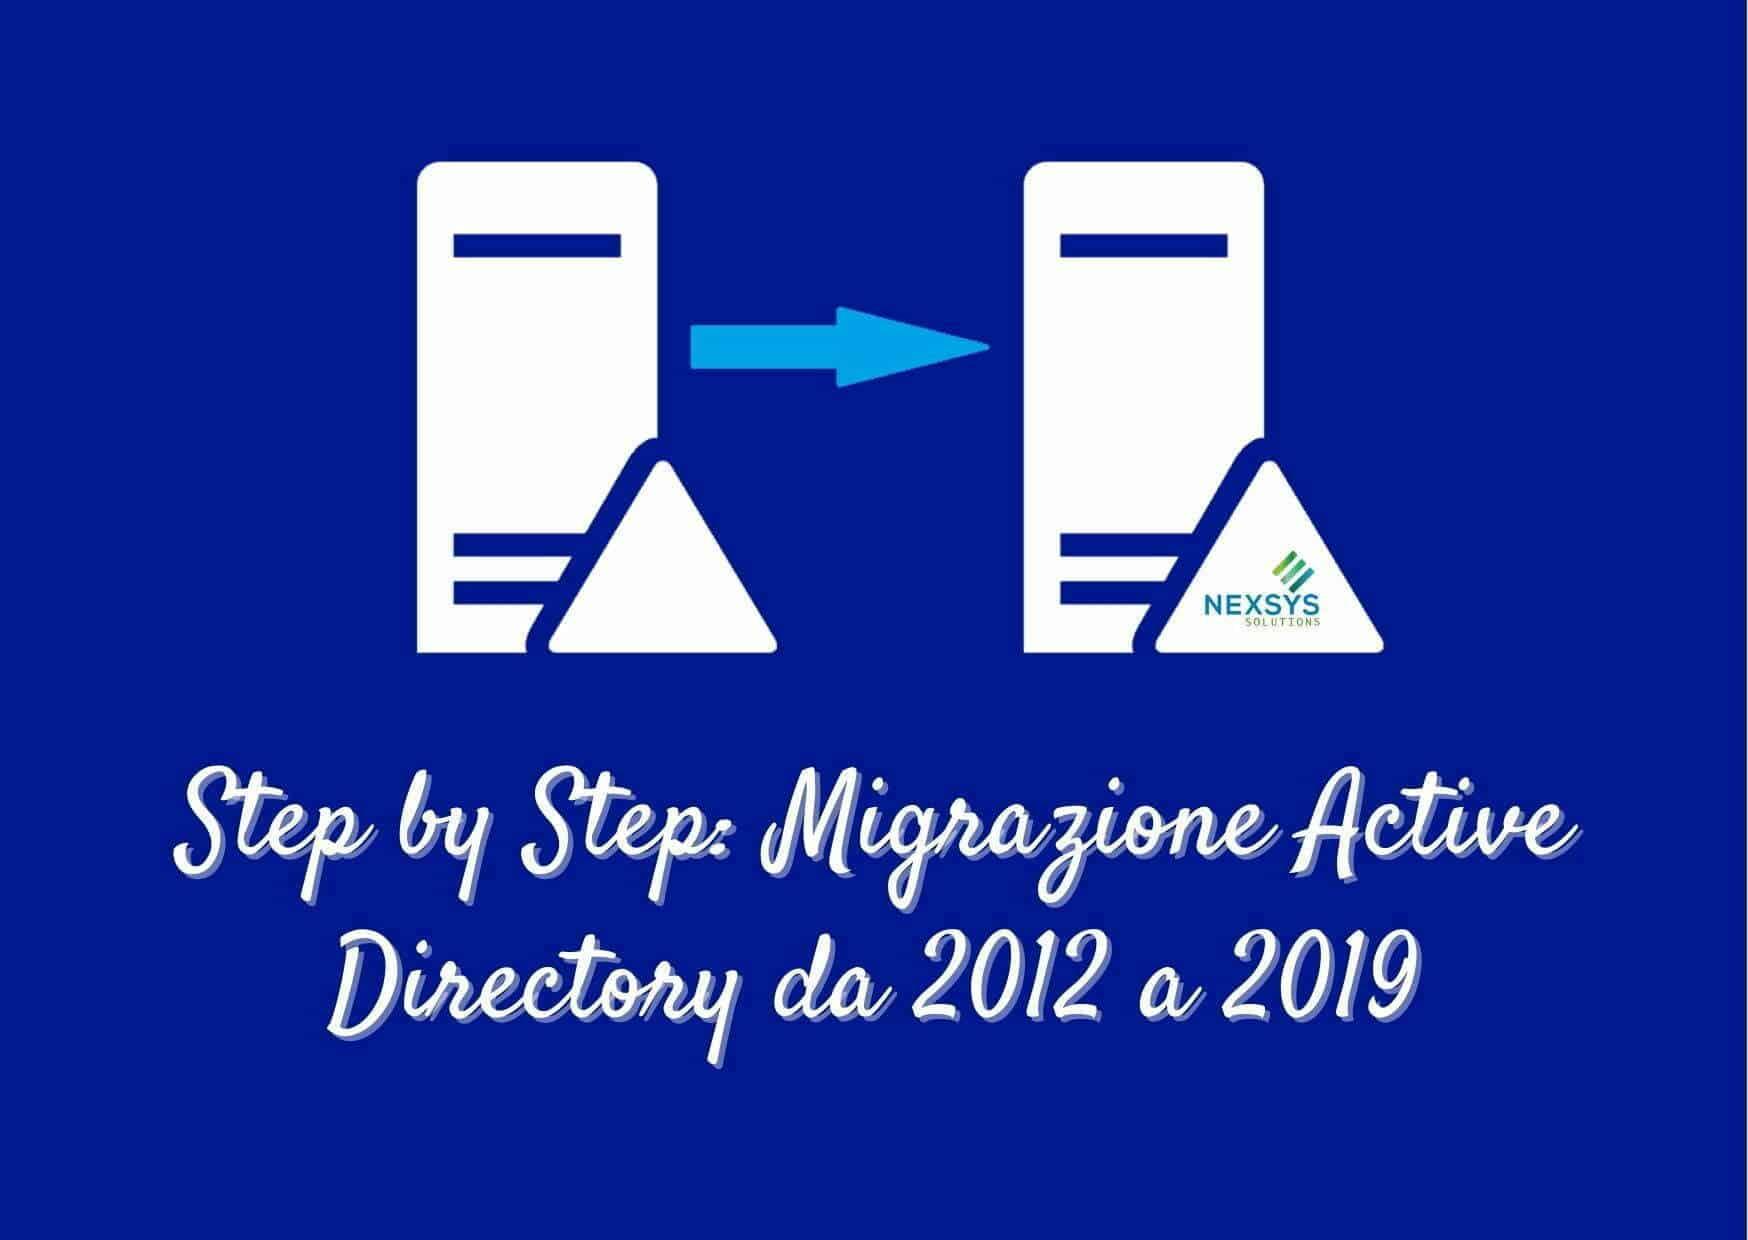 Step by Step Migrazione Active Directory da 2012 a 2019